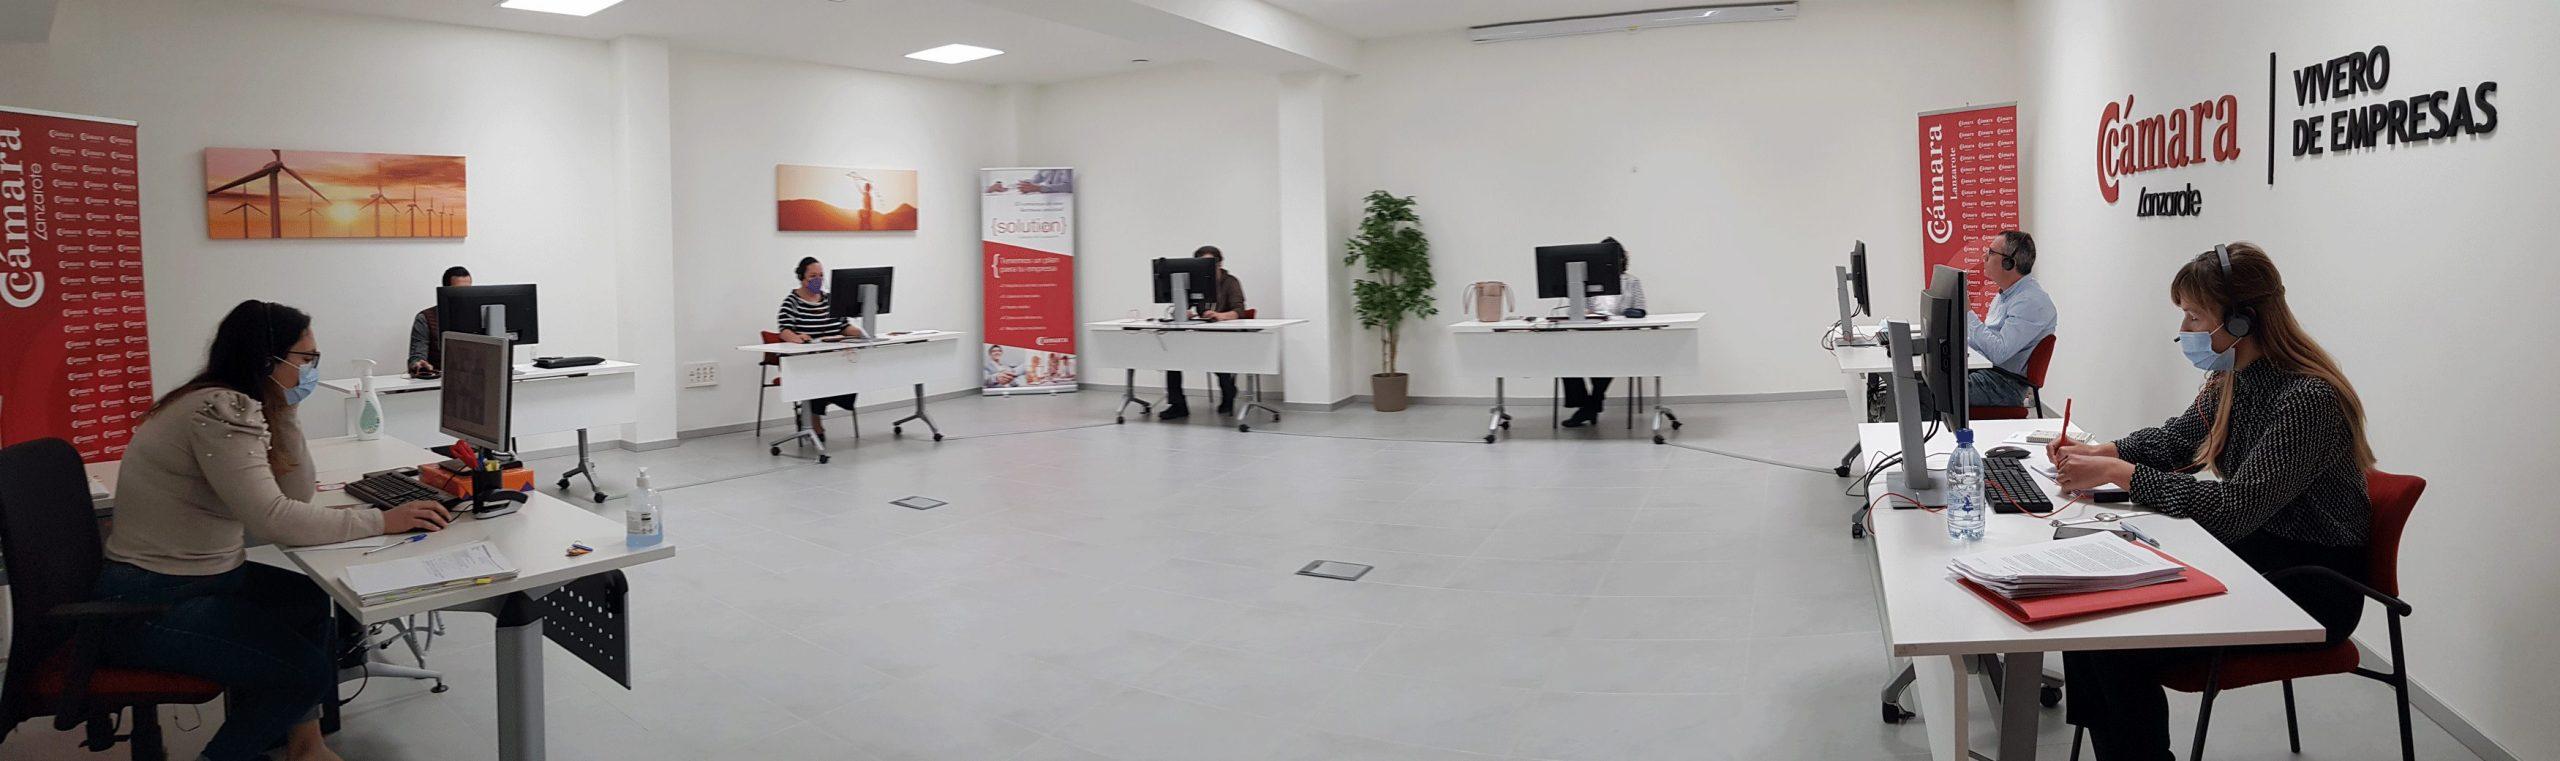 Comienzan los requerimientos para subsanar las solicitudes de ayuda a las empresas del Gobierno de Canarias